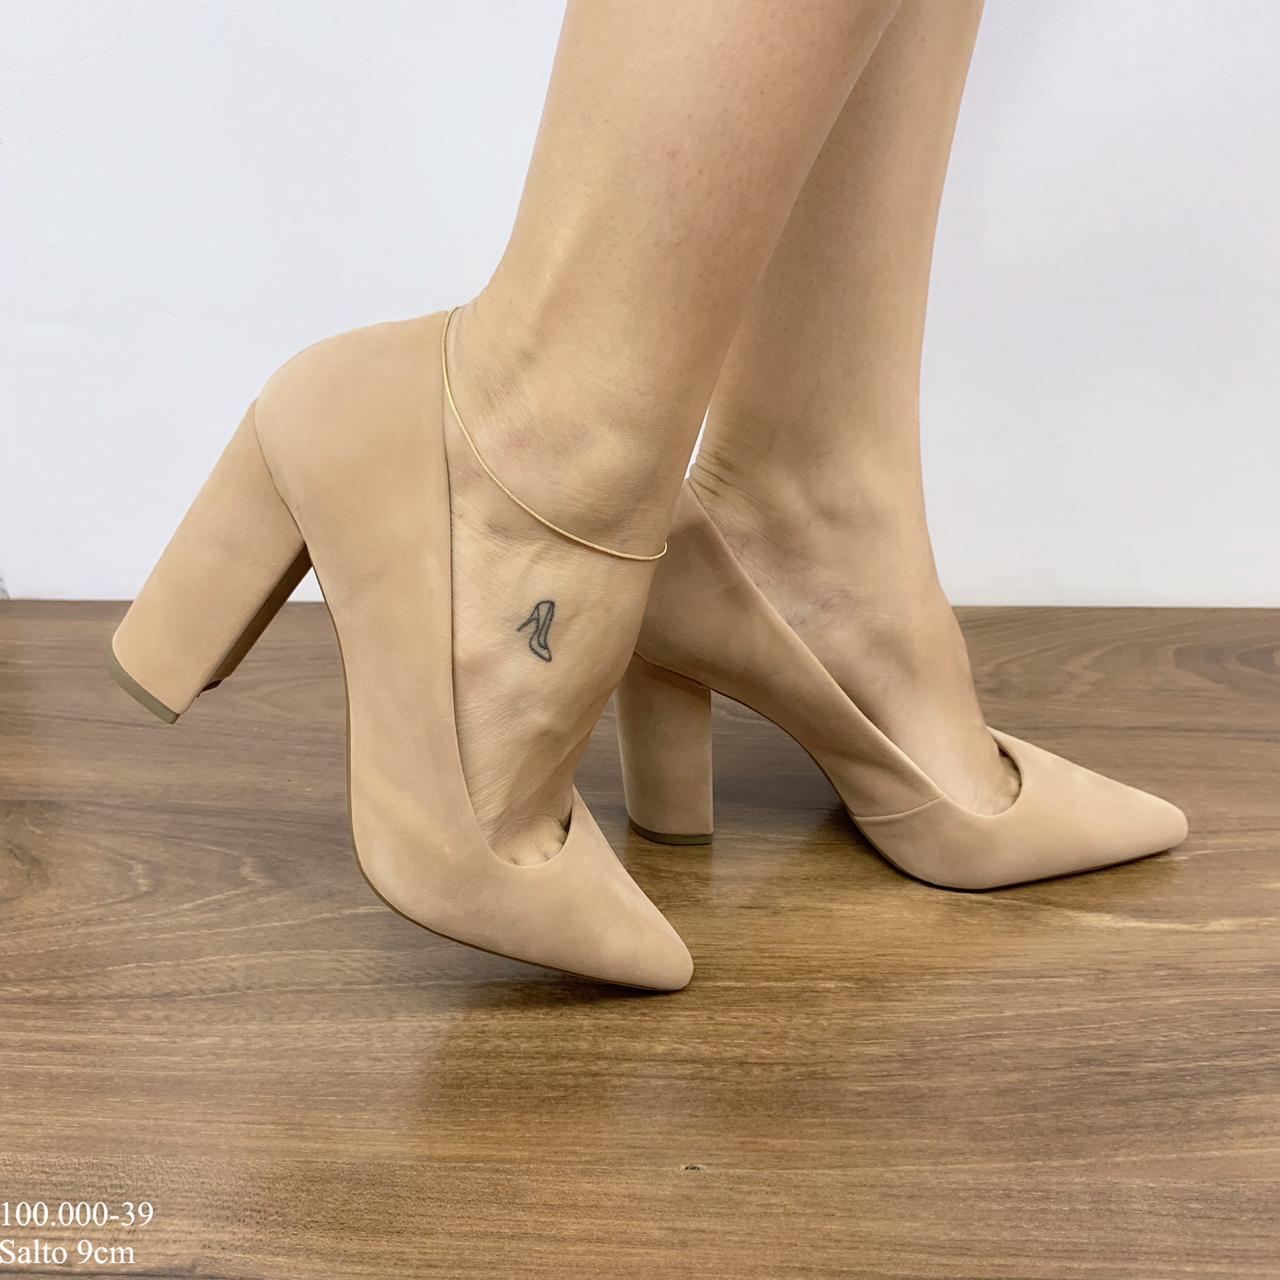 Sapato Scarpin Areia | D-100.000-39